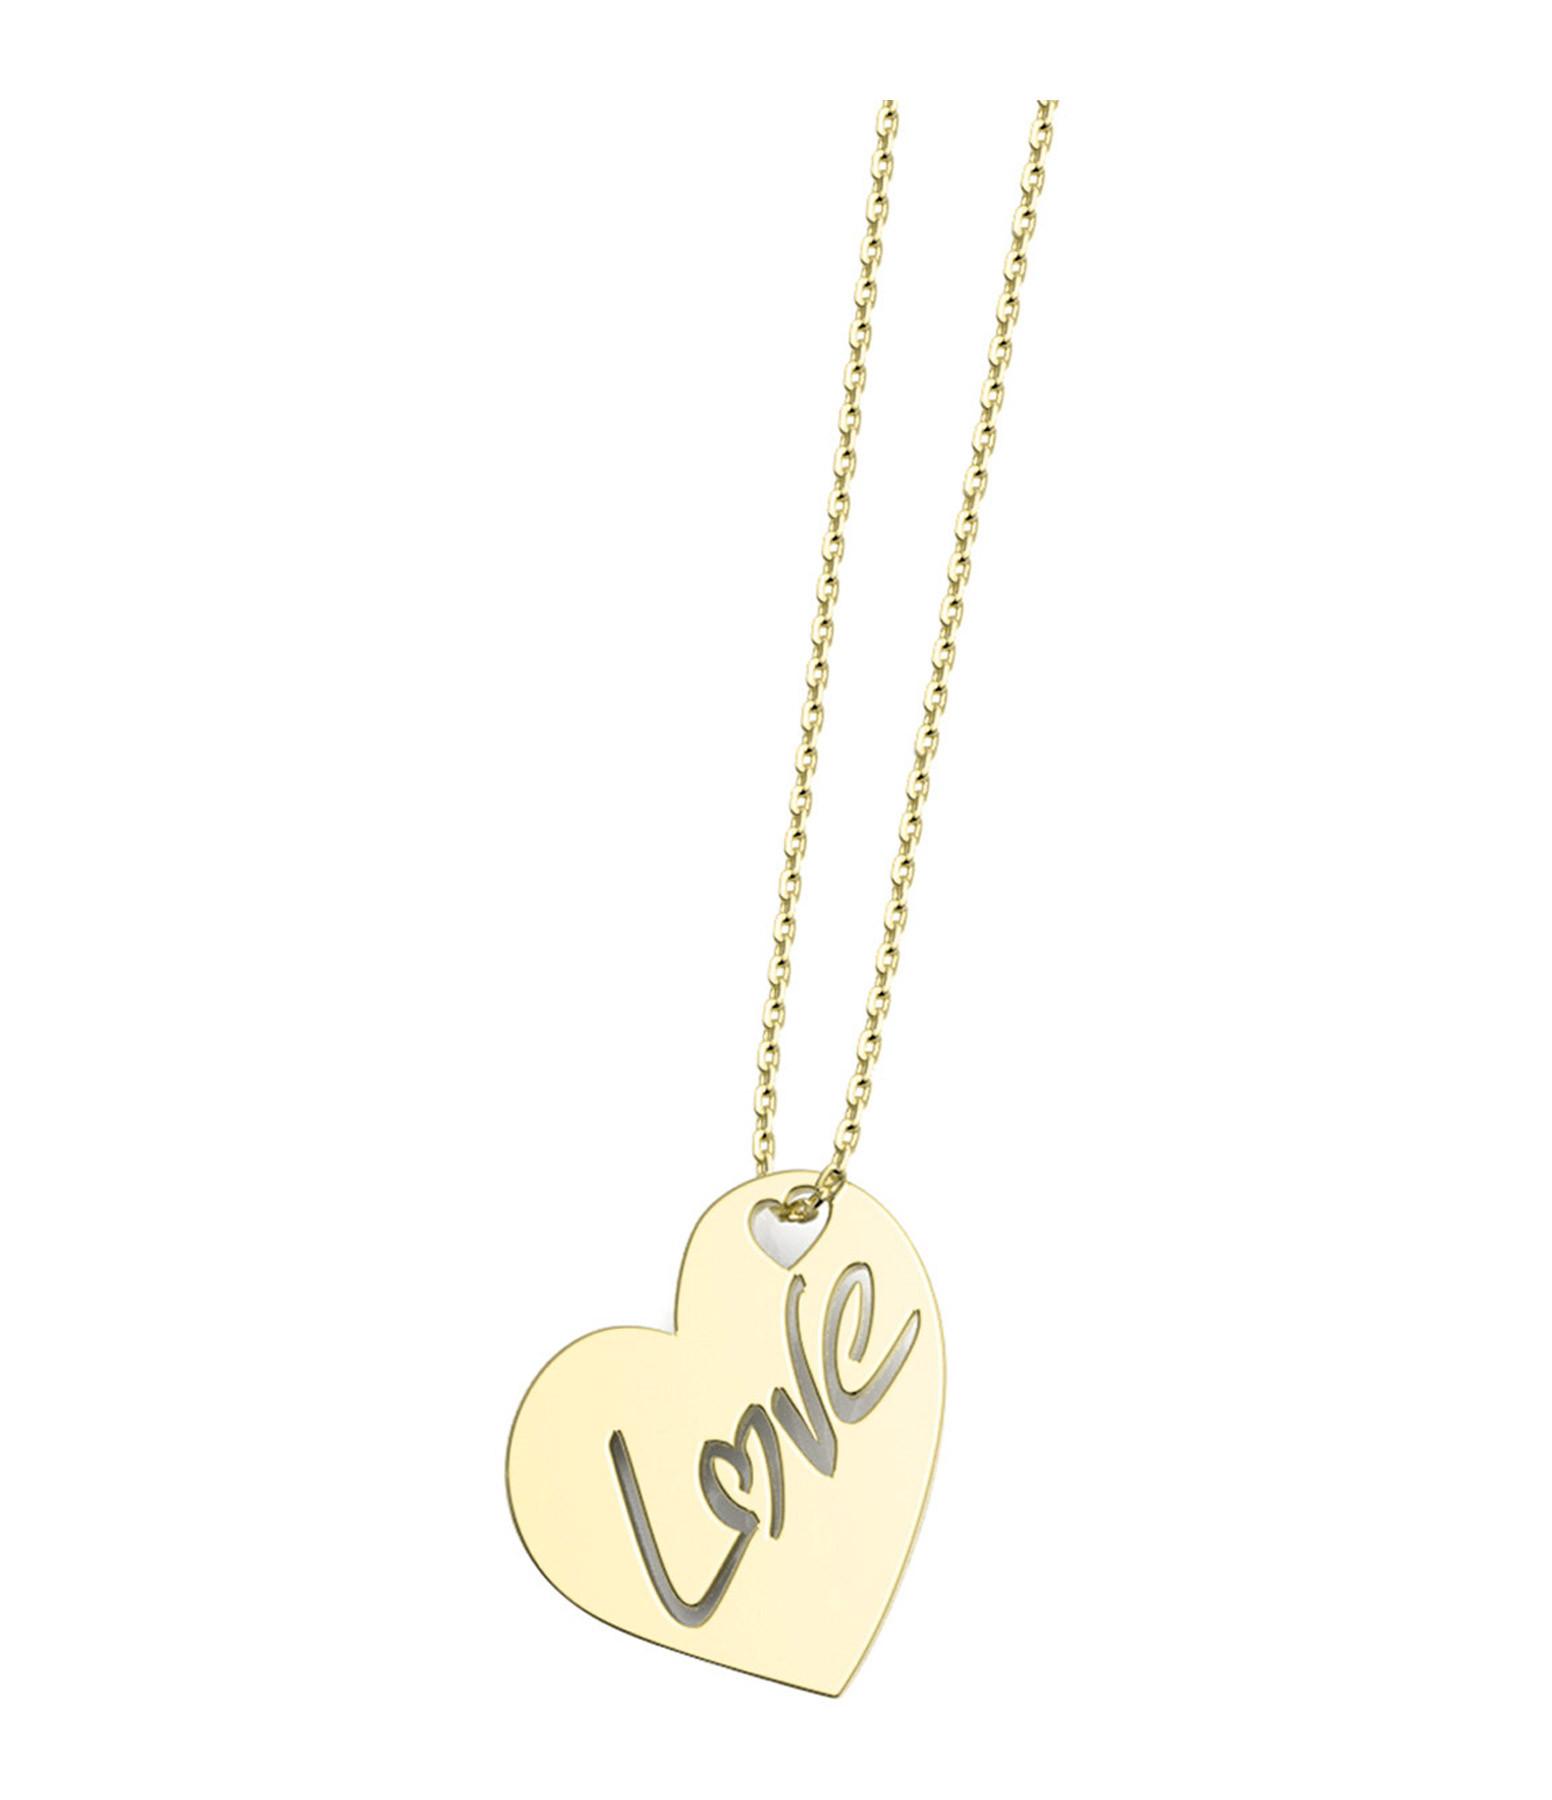 NAVA JOAILLERIE - Collier Cœr Love L Diamants Or Jaune